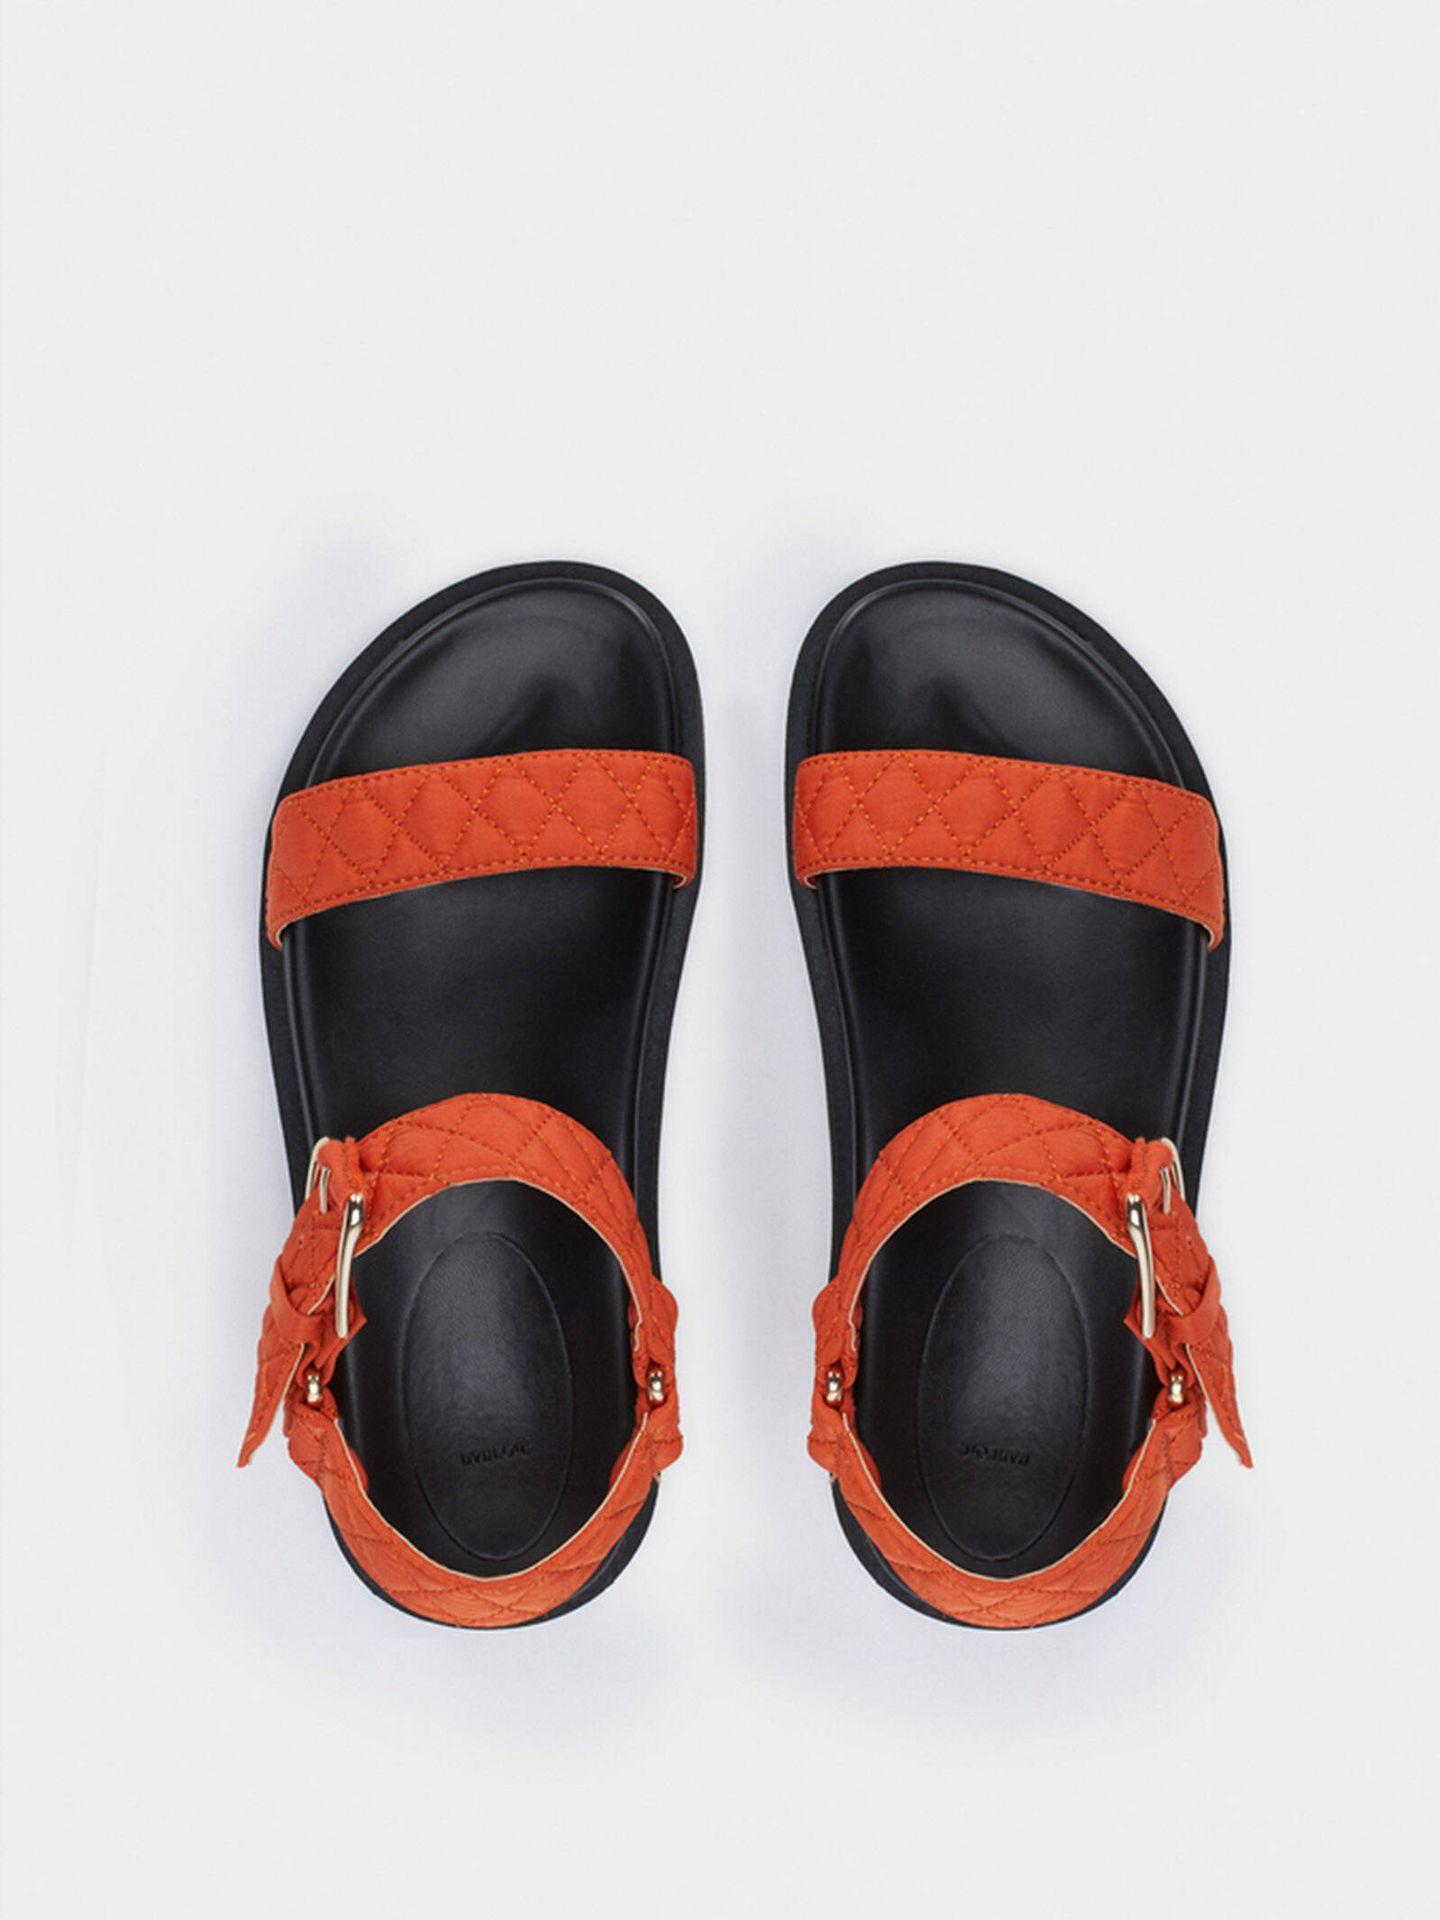 Sandalias bicolor y cómdoas de Parfois. (Cortesía)